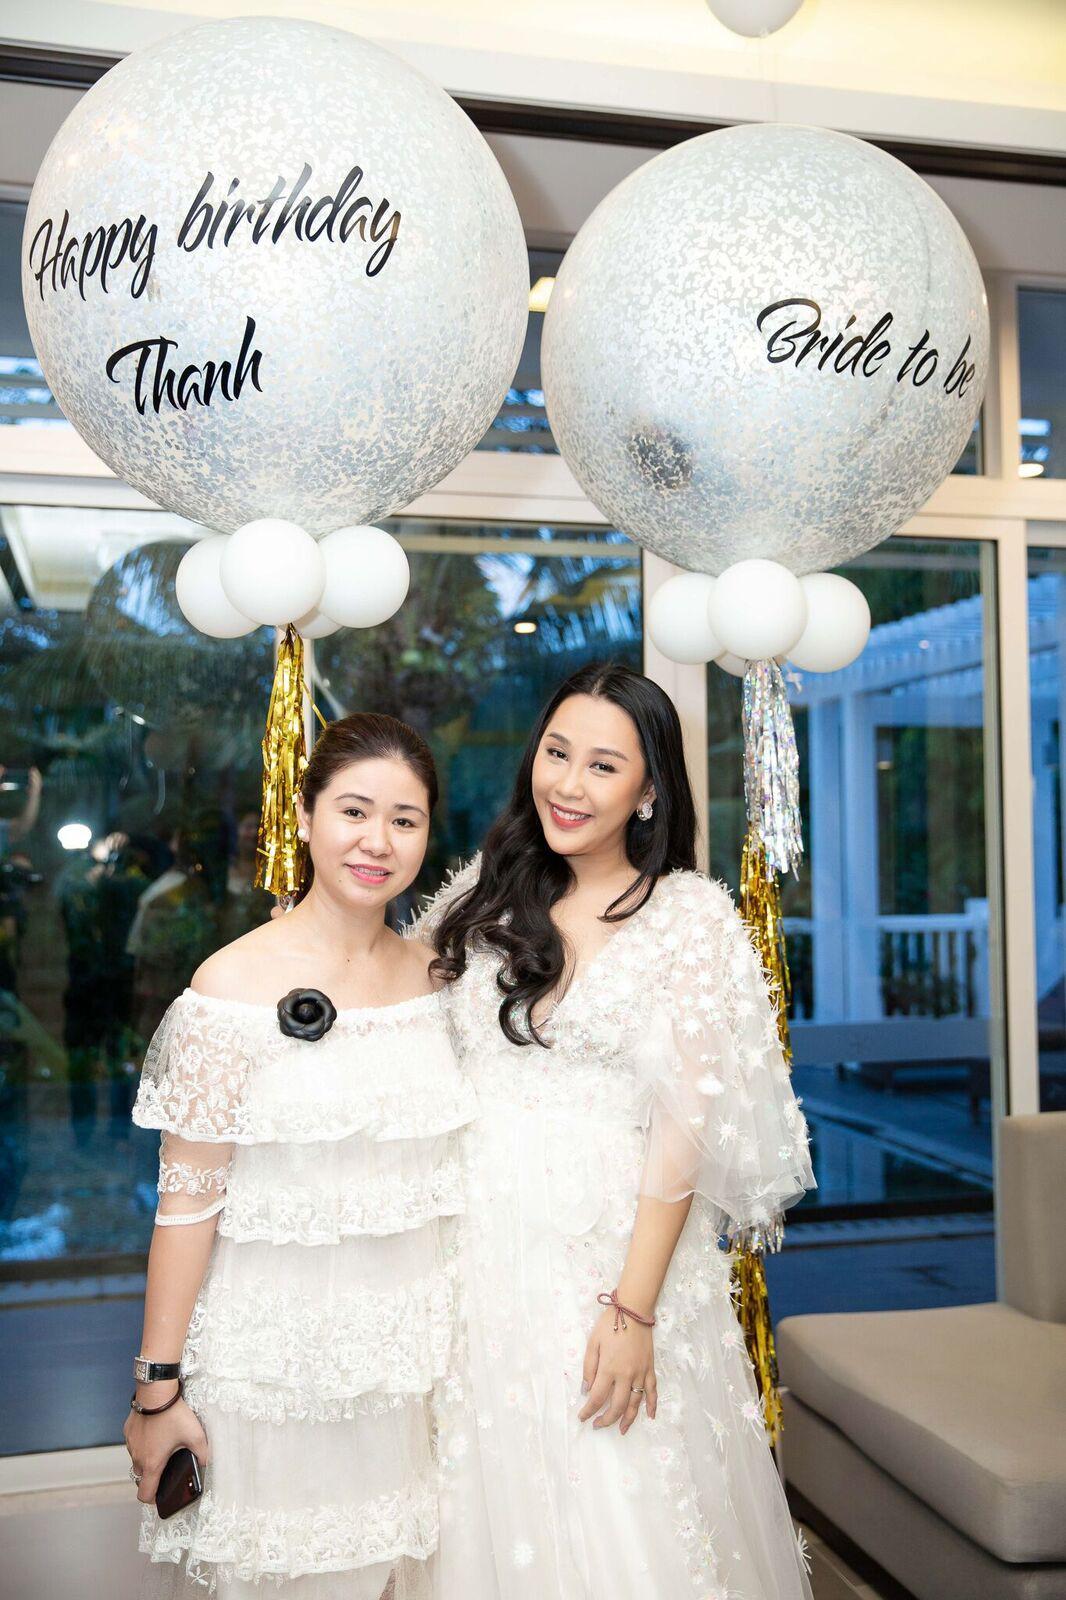 Trước giờ G cử hành hôn lễ, nhà văn Gào chia sẻ những hình ảnh về tiệc chia tay thời độc thân cùng dàn phù dâu xinh đẹp - Ảnh 14.